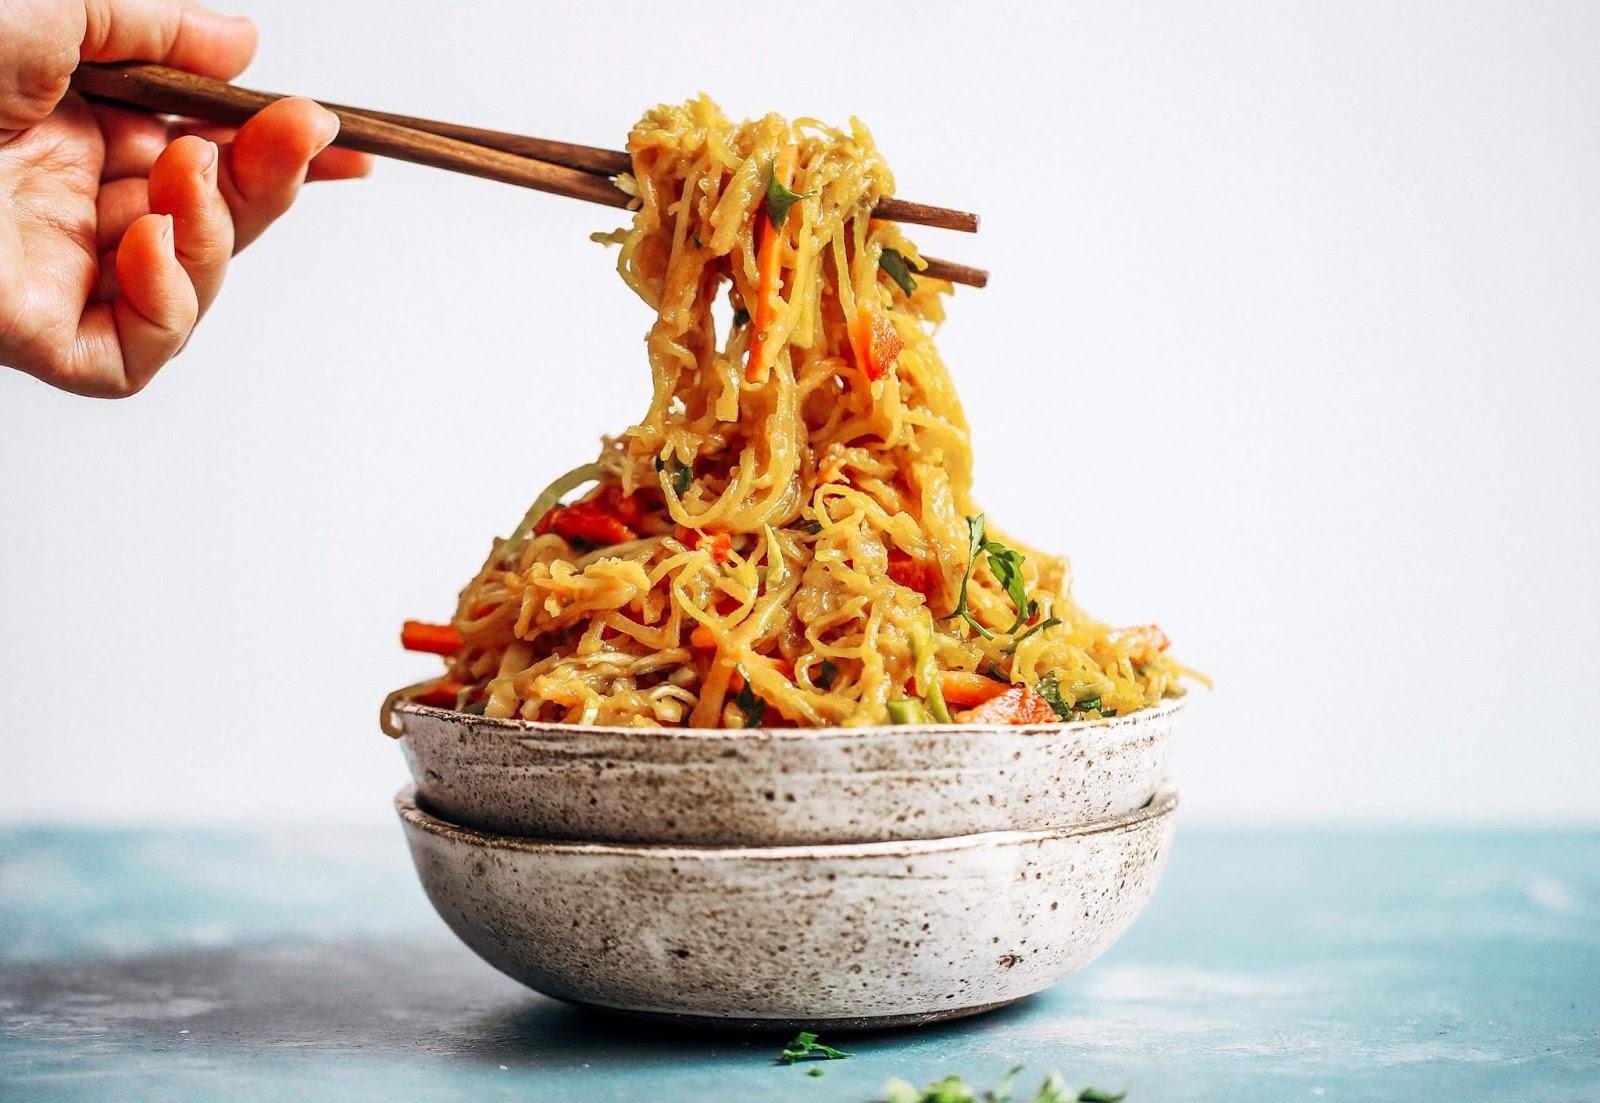 BEST ASIAN GARLIC PALEO WHOLE30 NOODLES #whole30 #diet